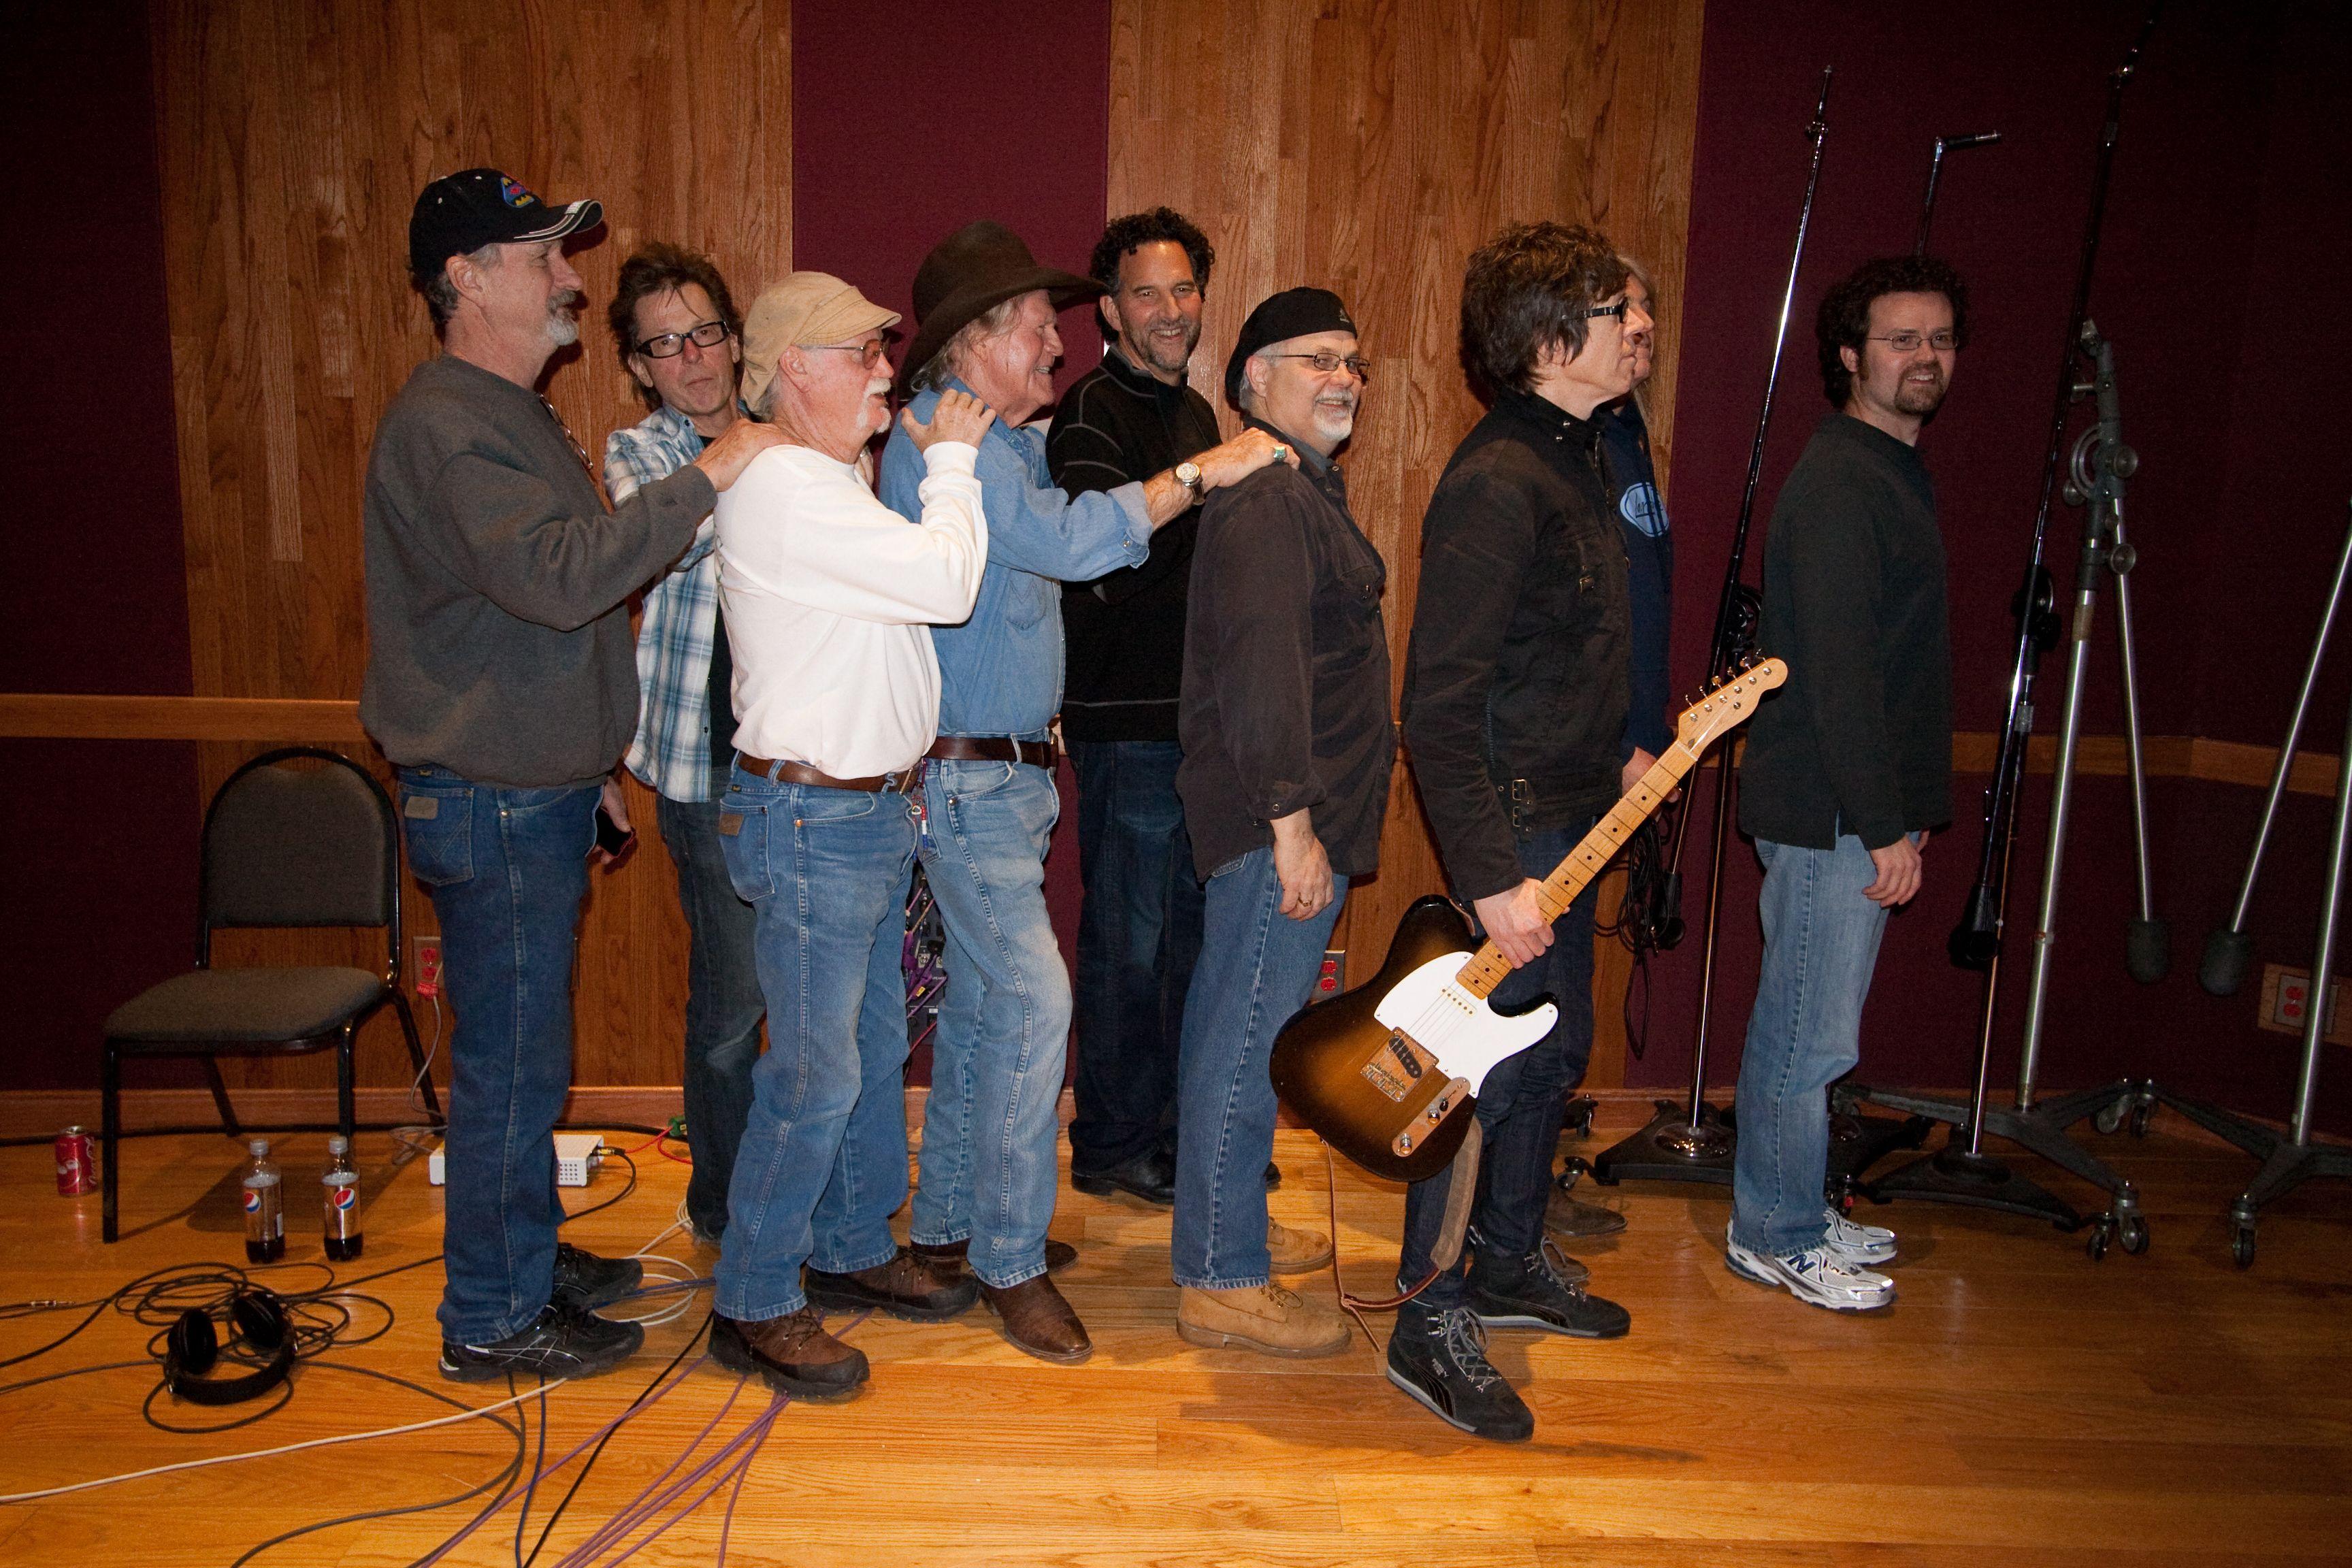 Billy Joe Shaver and band